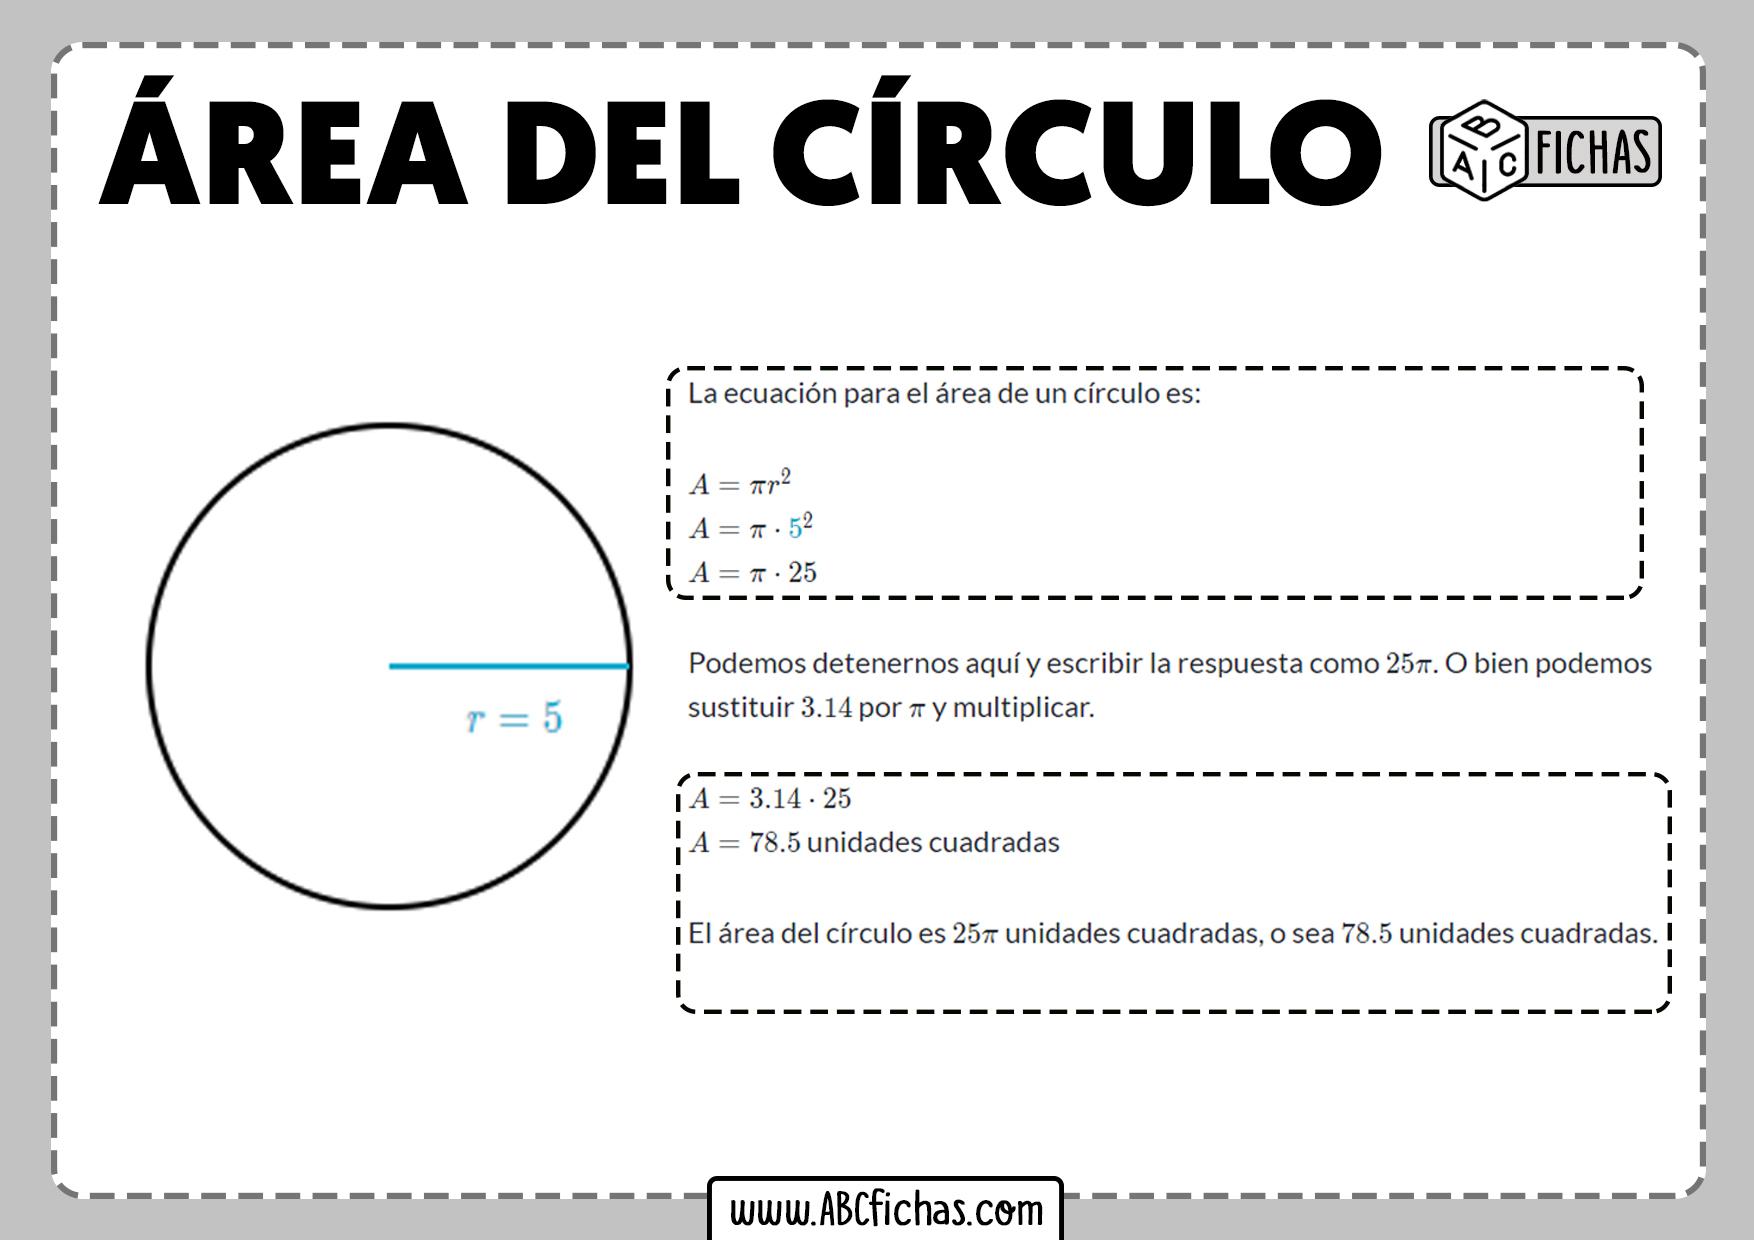 Area circulo formula